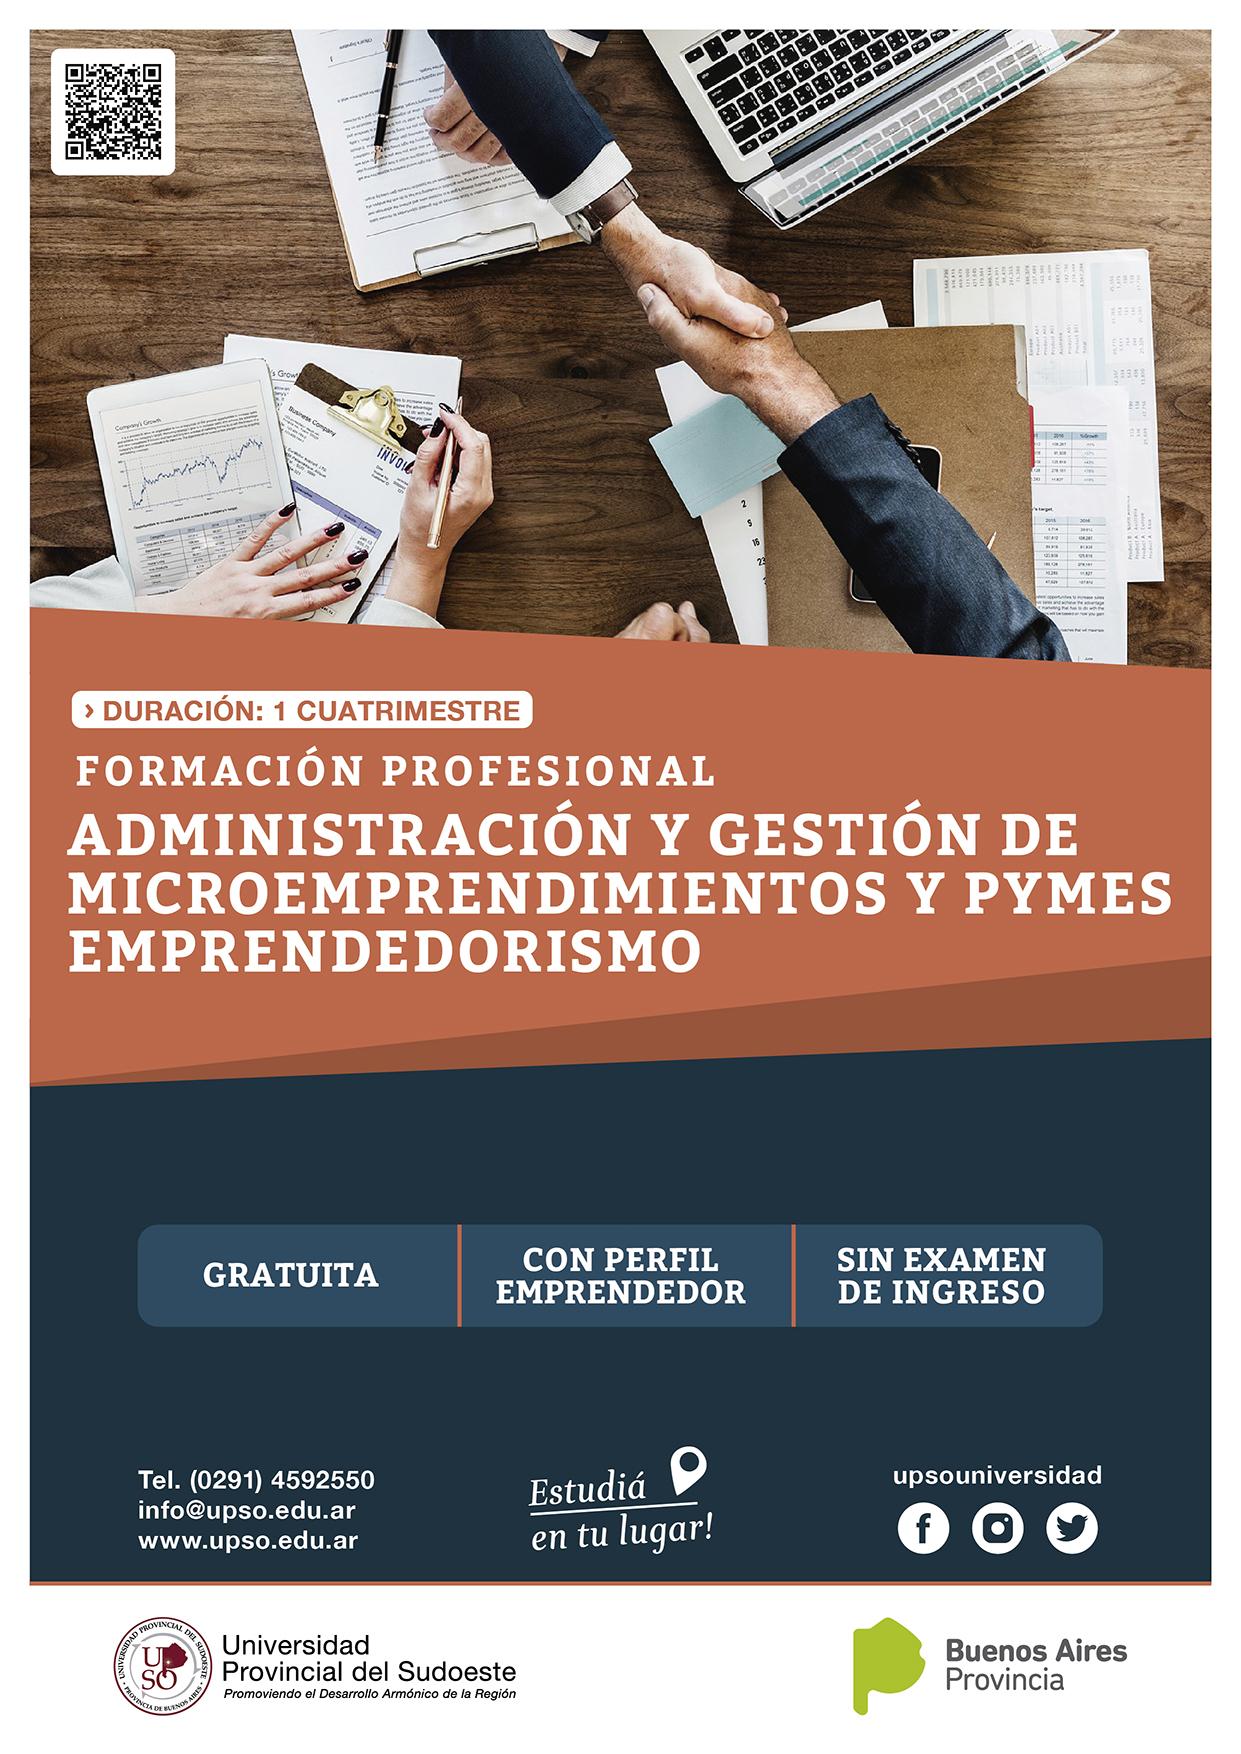 AficheA4-GESTIÓN DE ENERGÍAS RENOVABLES Y CONVENCIONALES